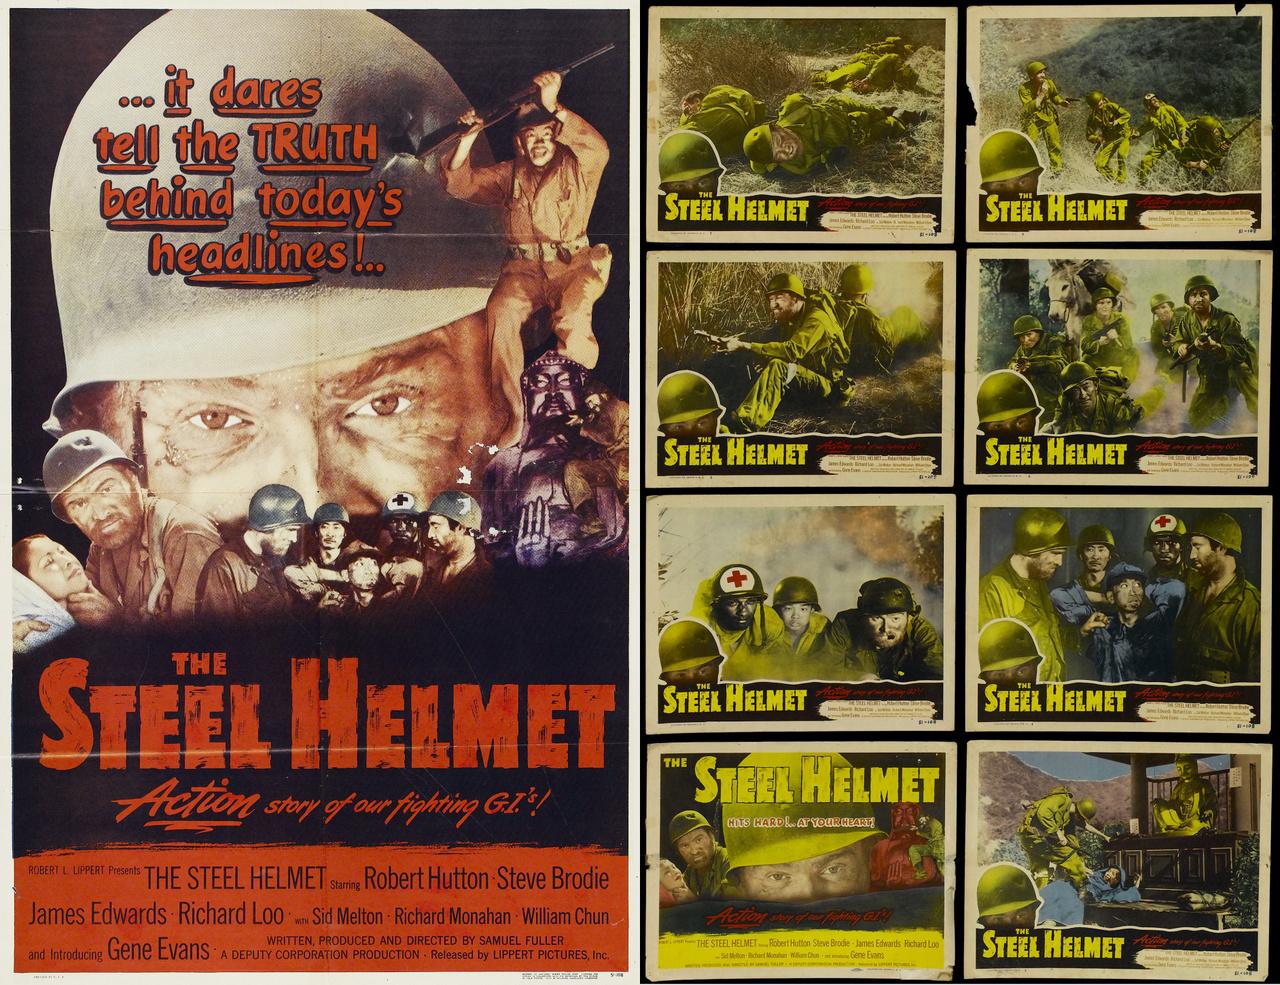 A Lippert Pictures 1951-es filmje, az Acélsisak azon ritka kivételek közé tartozott, amik nem feltétlenül a hivatalos amerikai propaganda szája íze szerint tálalták a koreai háború eseményeit. Samuel Fuller alacsony költségvetésű háborúellenes filmje egyes kritikusok szerint sikeresen túllépett a romantikus közhelyeken és be tudta mutatni a koreai konfliktus igazi borzalmait, ezért a valaha készült egyik legjobb háborús mozinak tekinthető.